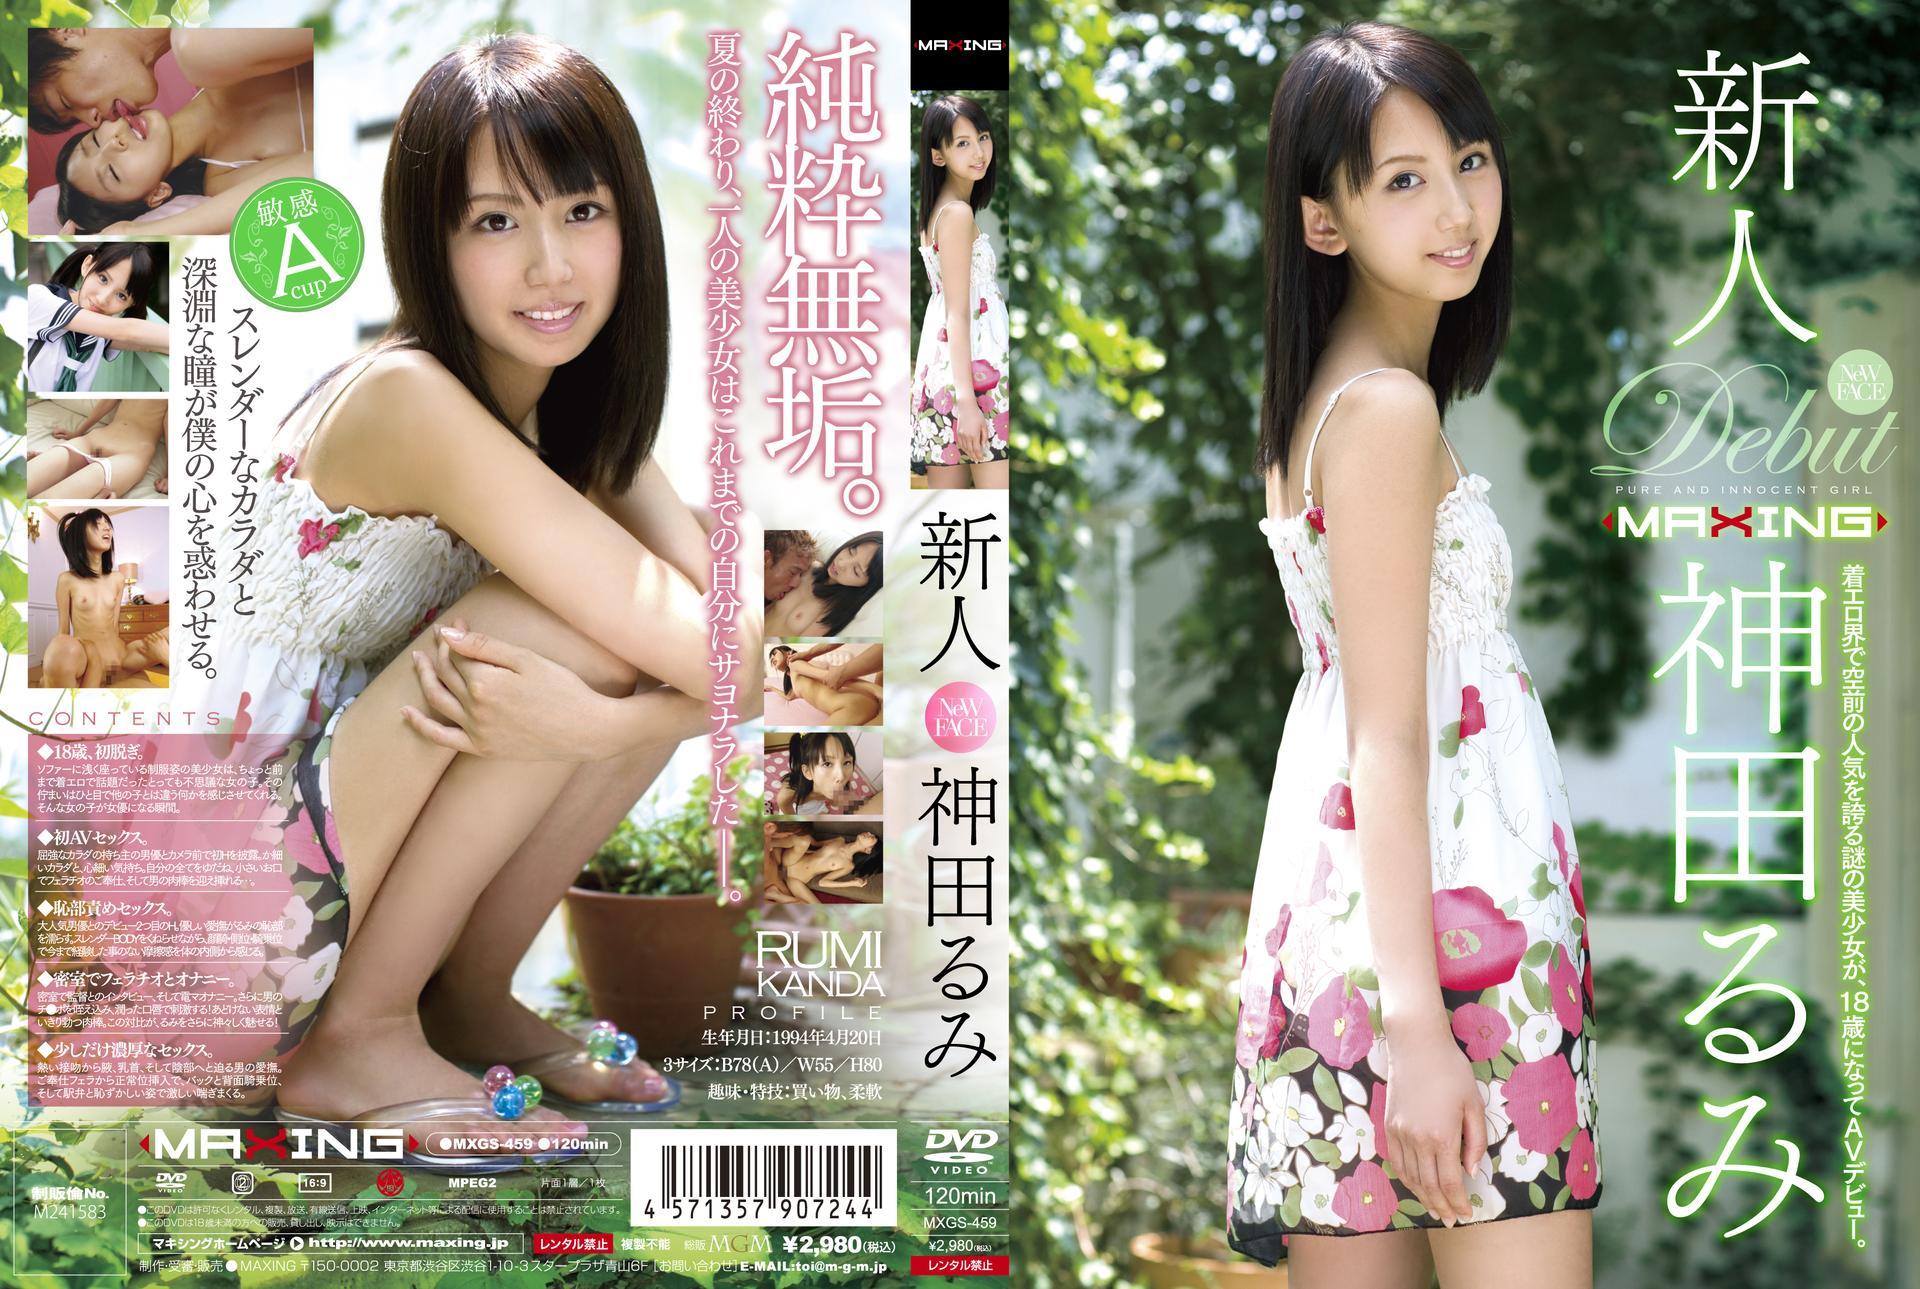 新人 神田るみ 着エロ界で空前の人気を誇る謎の美少女が、18歳になってAVデビュー。